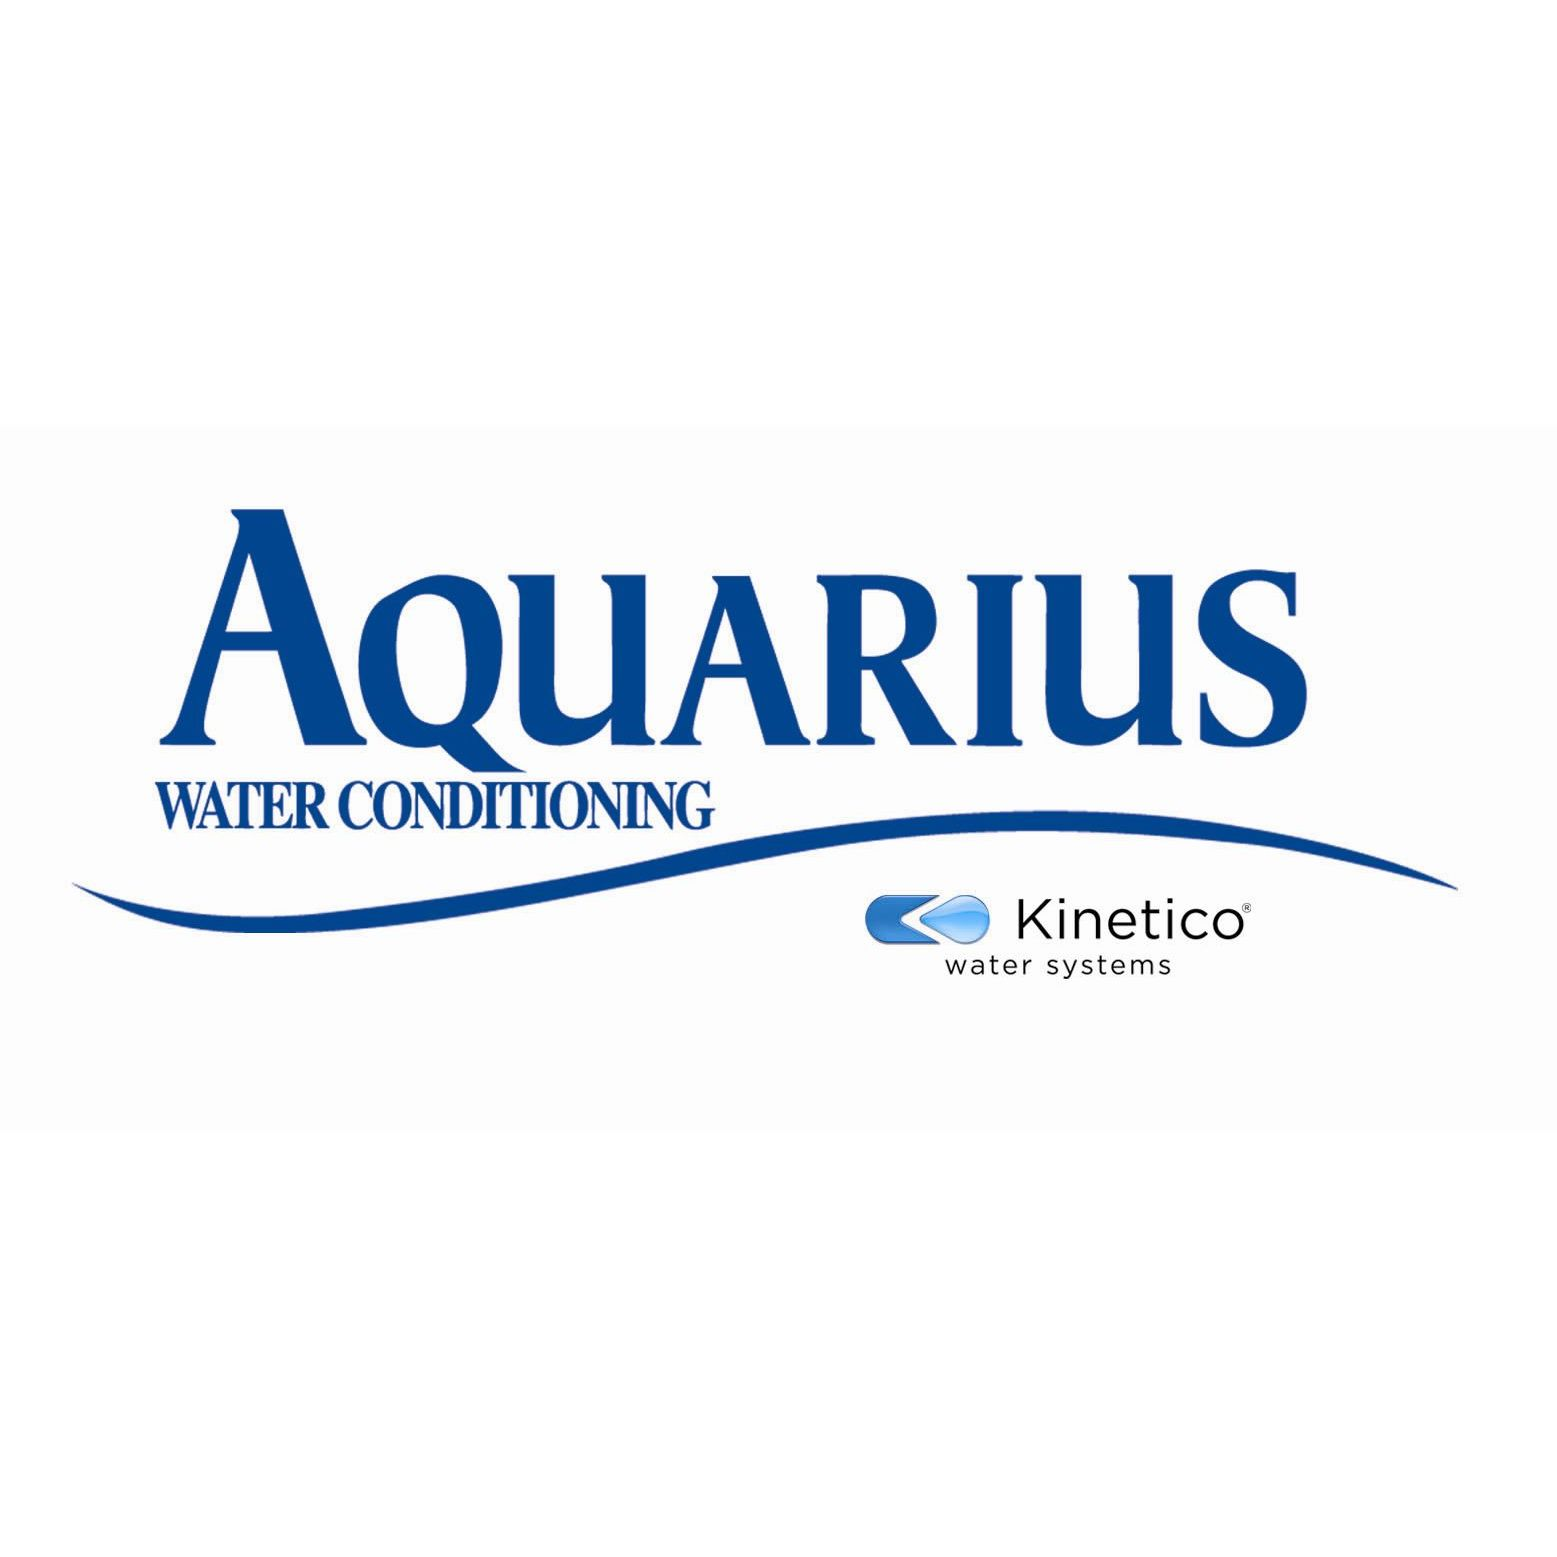 Aquarius Water Conditioning - Little Canada